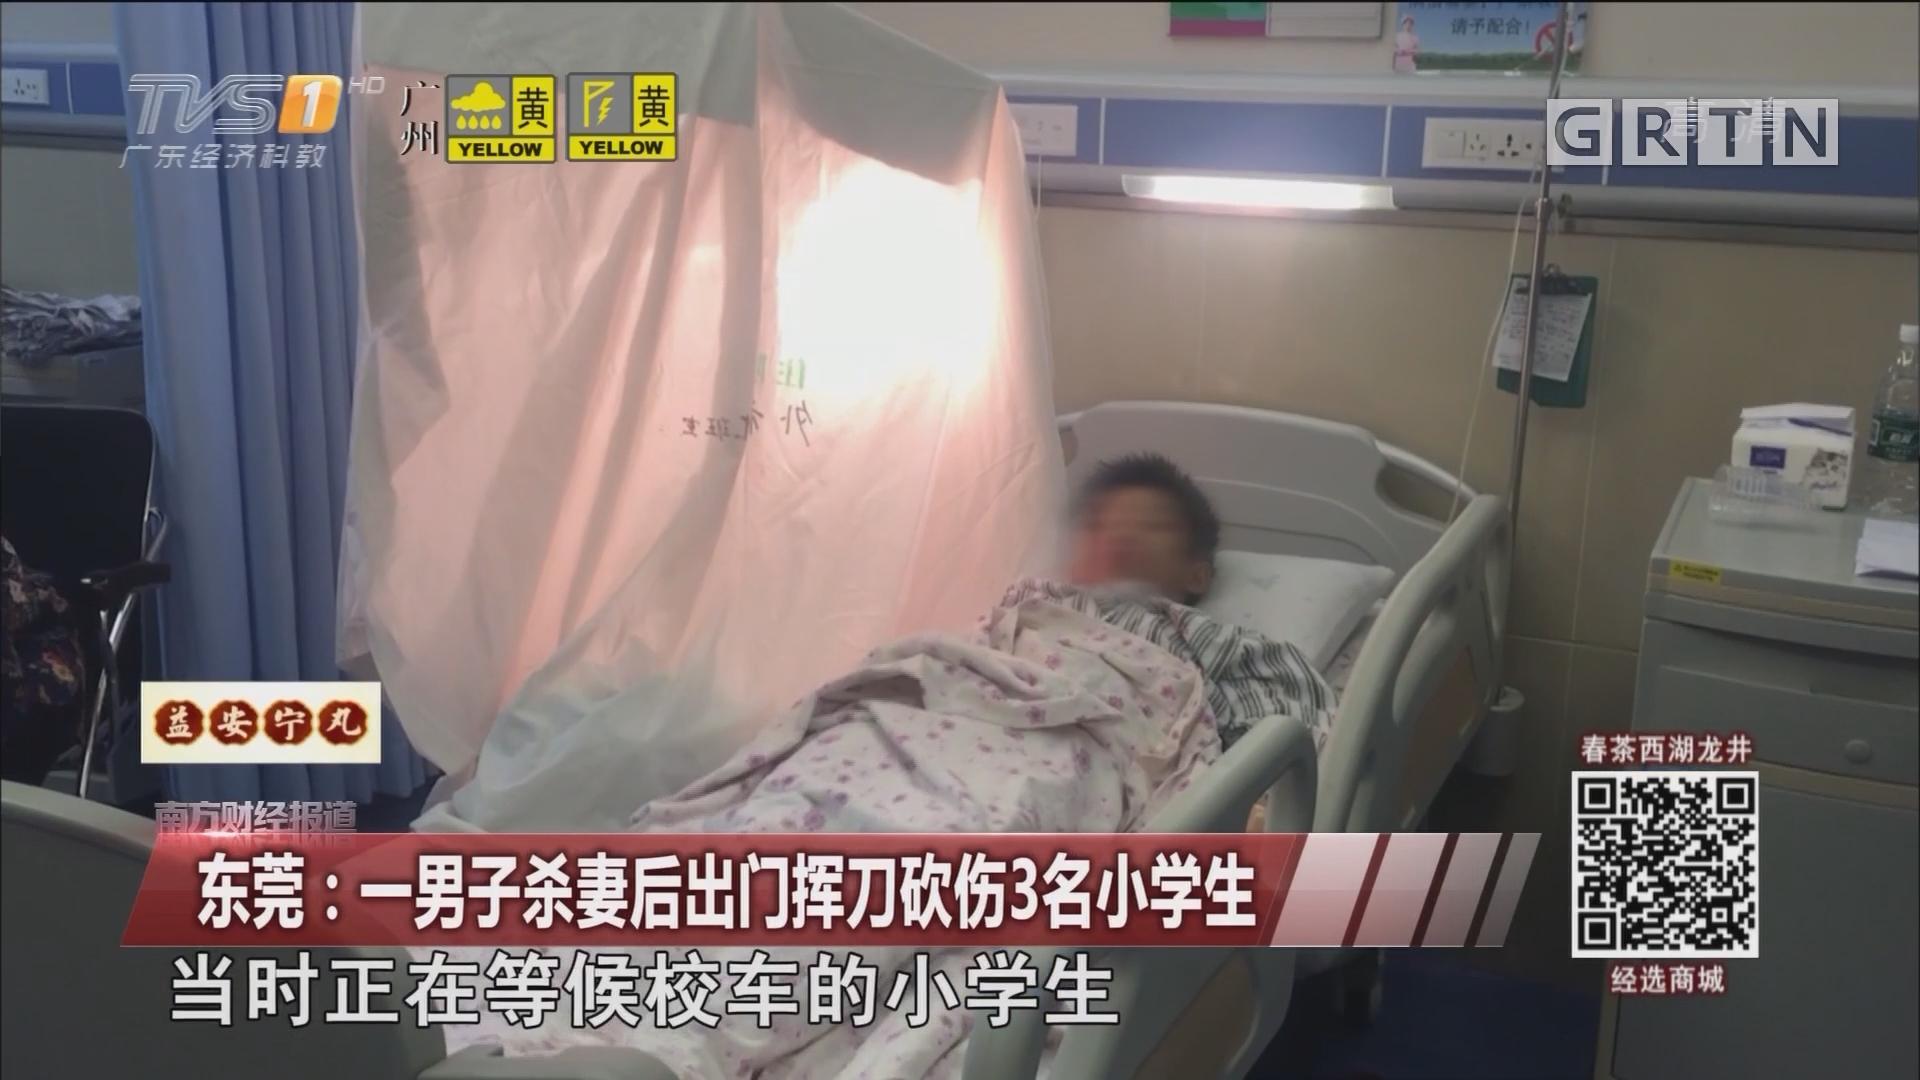 东莞:一男子杀妻后出门挥刀砍伤3名小学生